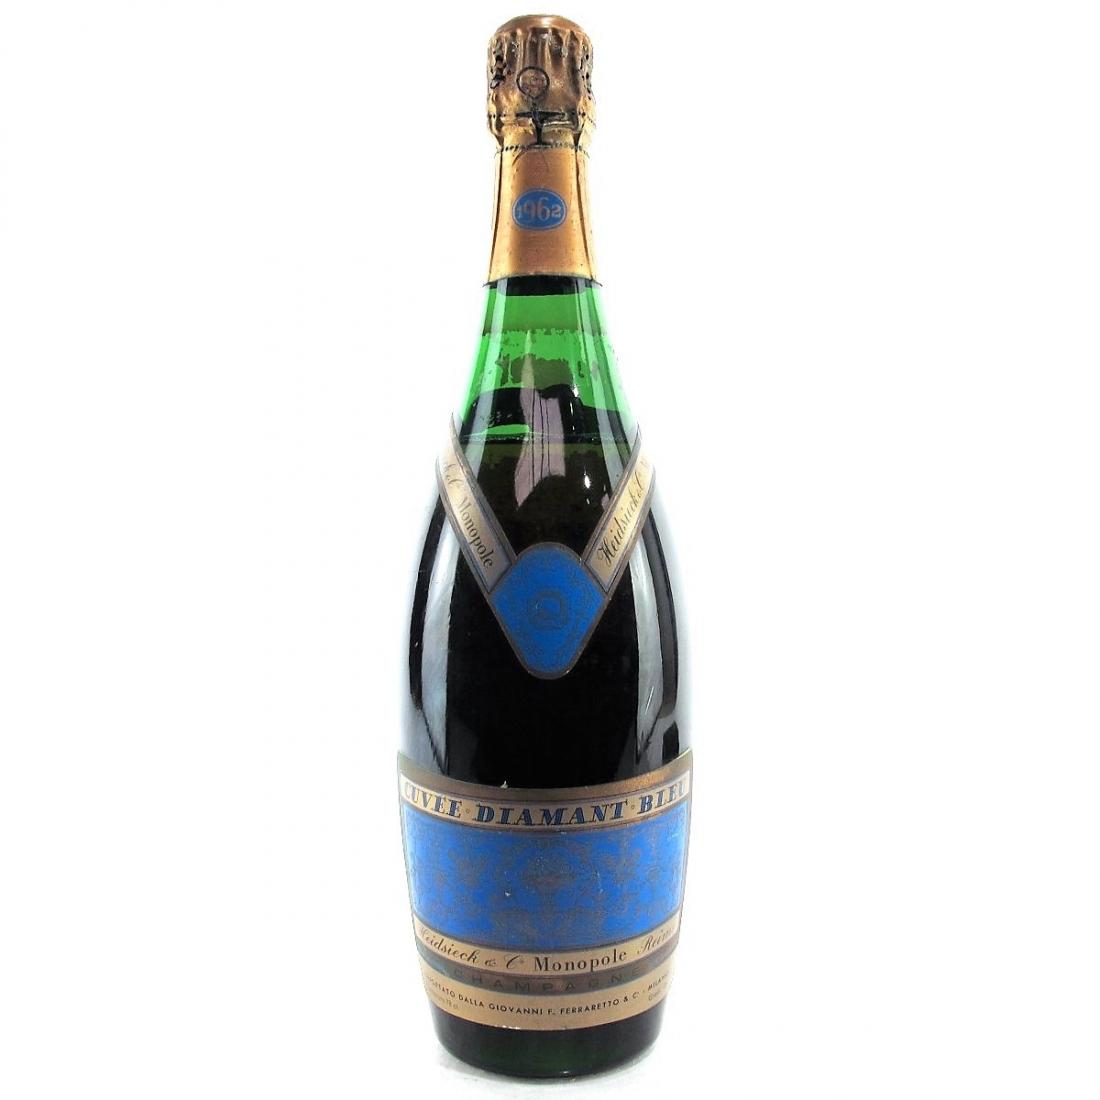 """Heidsieck Monopole """"Cuvee Diamant Bleu"""" 1962 Vintage Champagne"""